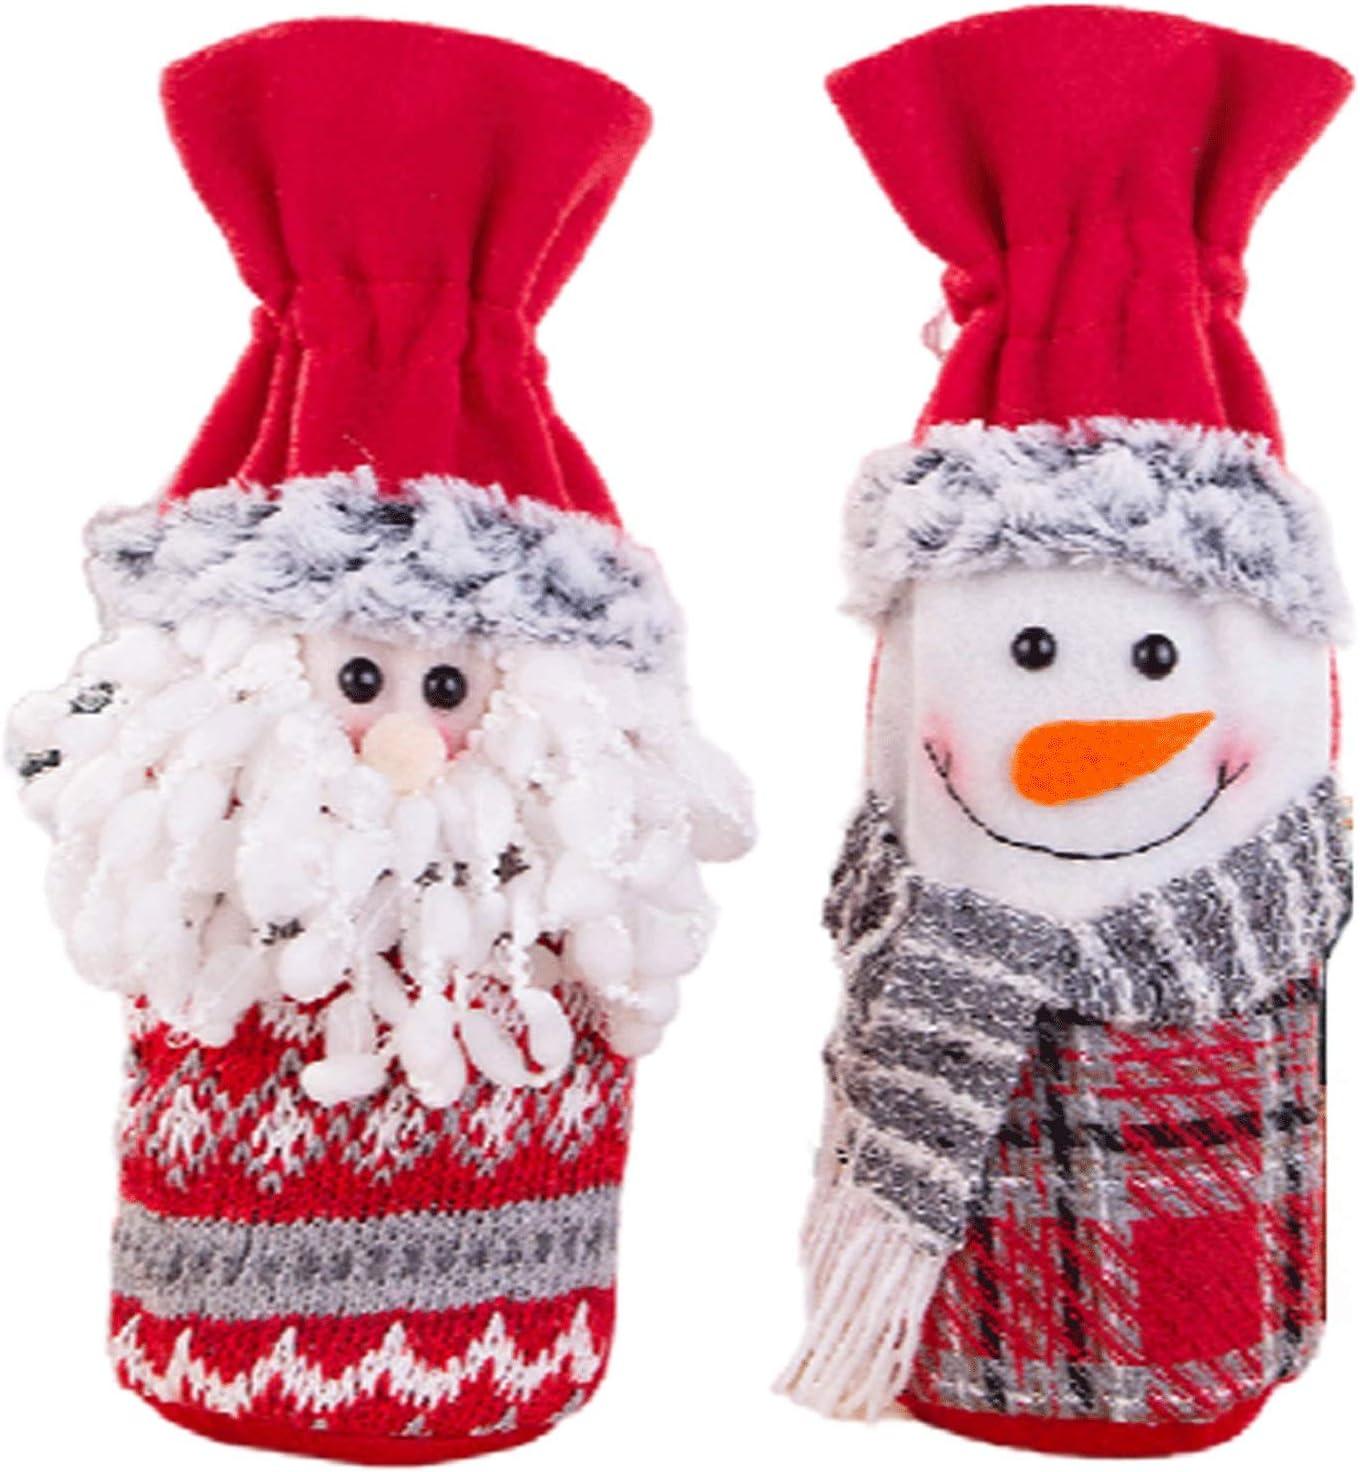 Conjuntos de accesorios de vino Botella de vino de Navidad Cubierta - Santa Claus muñeco de nieve de 2 piezas feo suéter botella de vino Conjunto de punto de la cubierta for la decoración de Navidad B